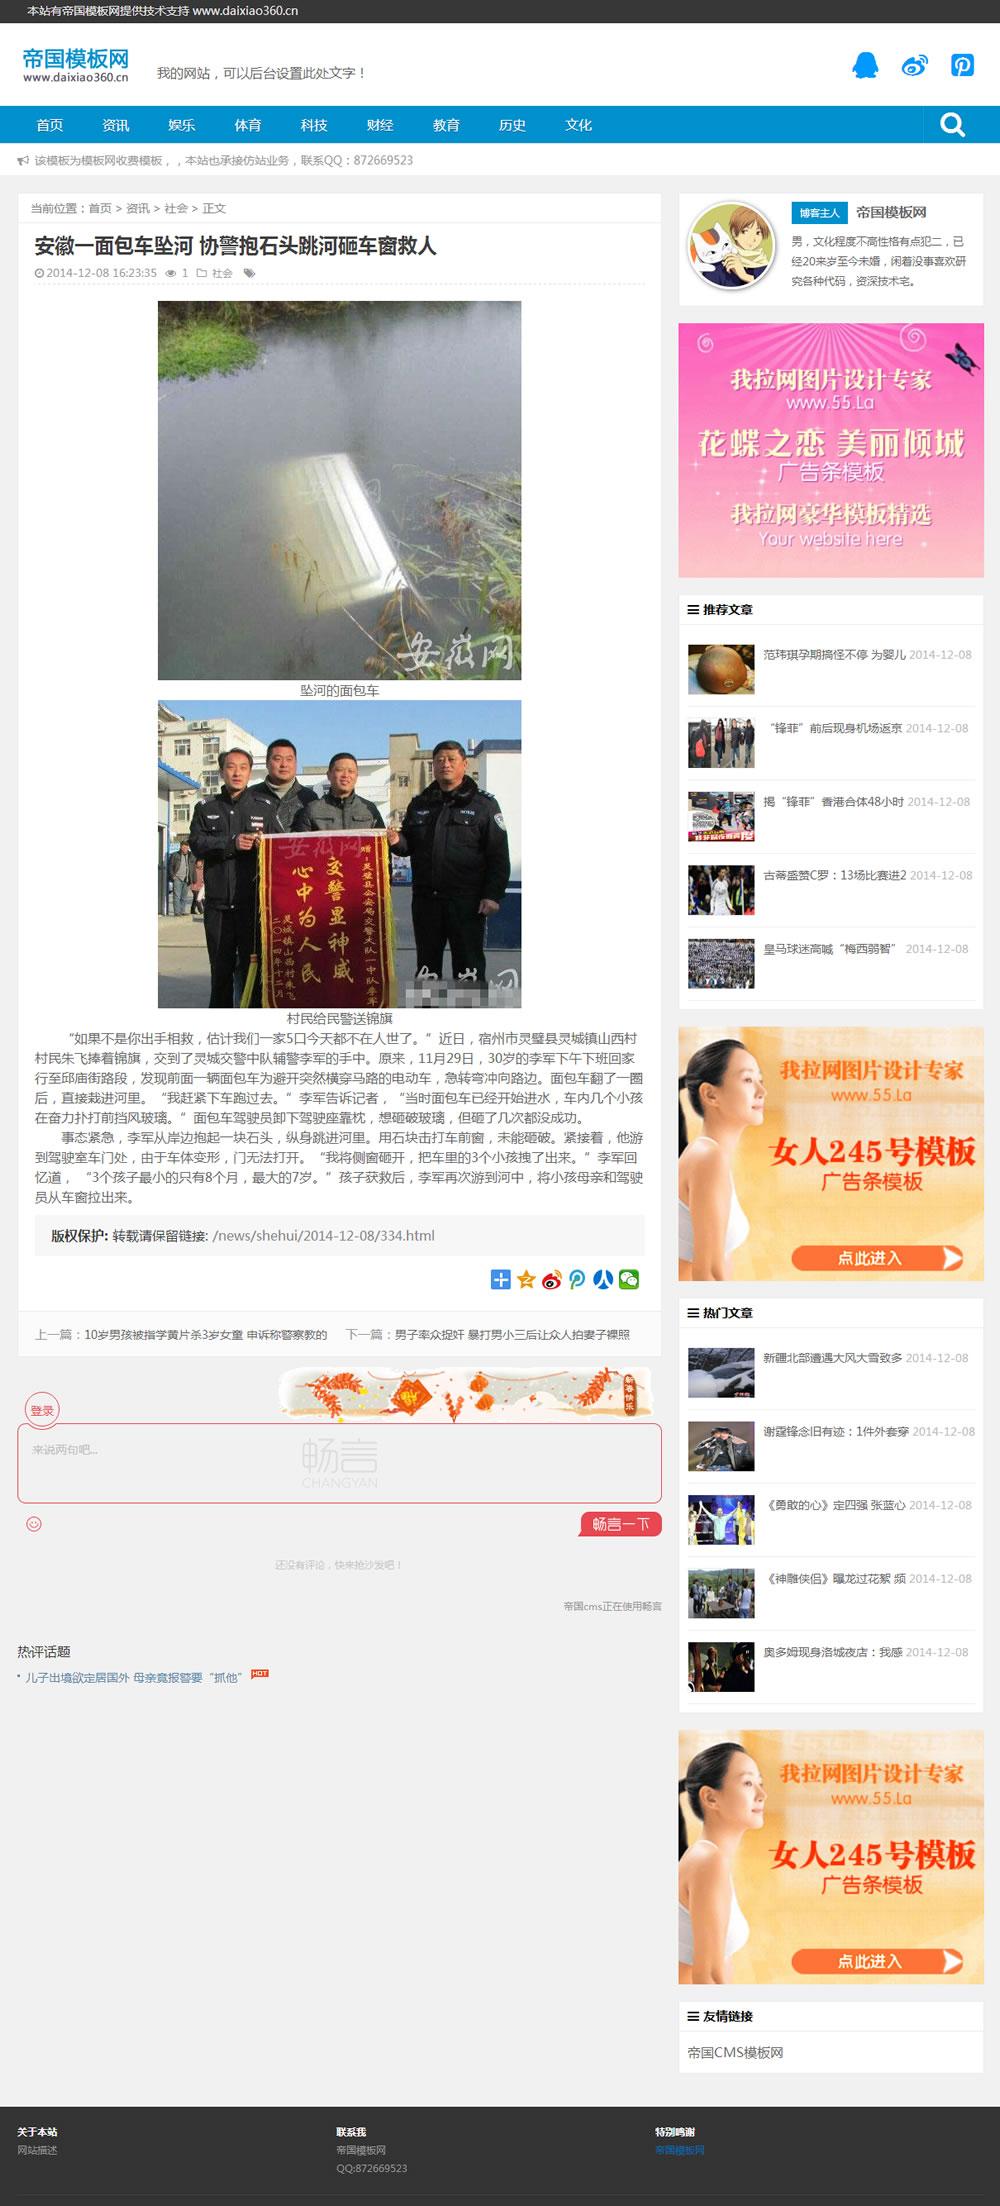 蓝色帝国cms自适应手机版新闻资讯博客类网站模板_电脑版内容页